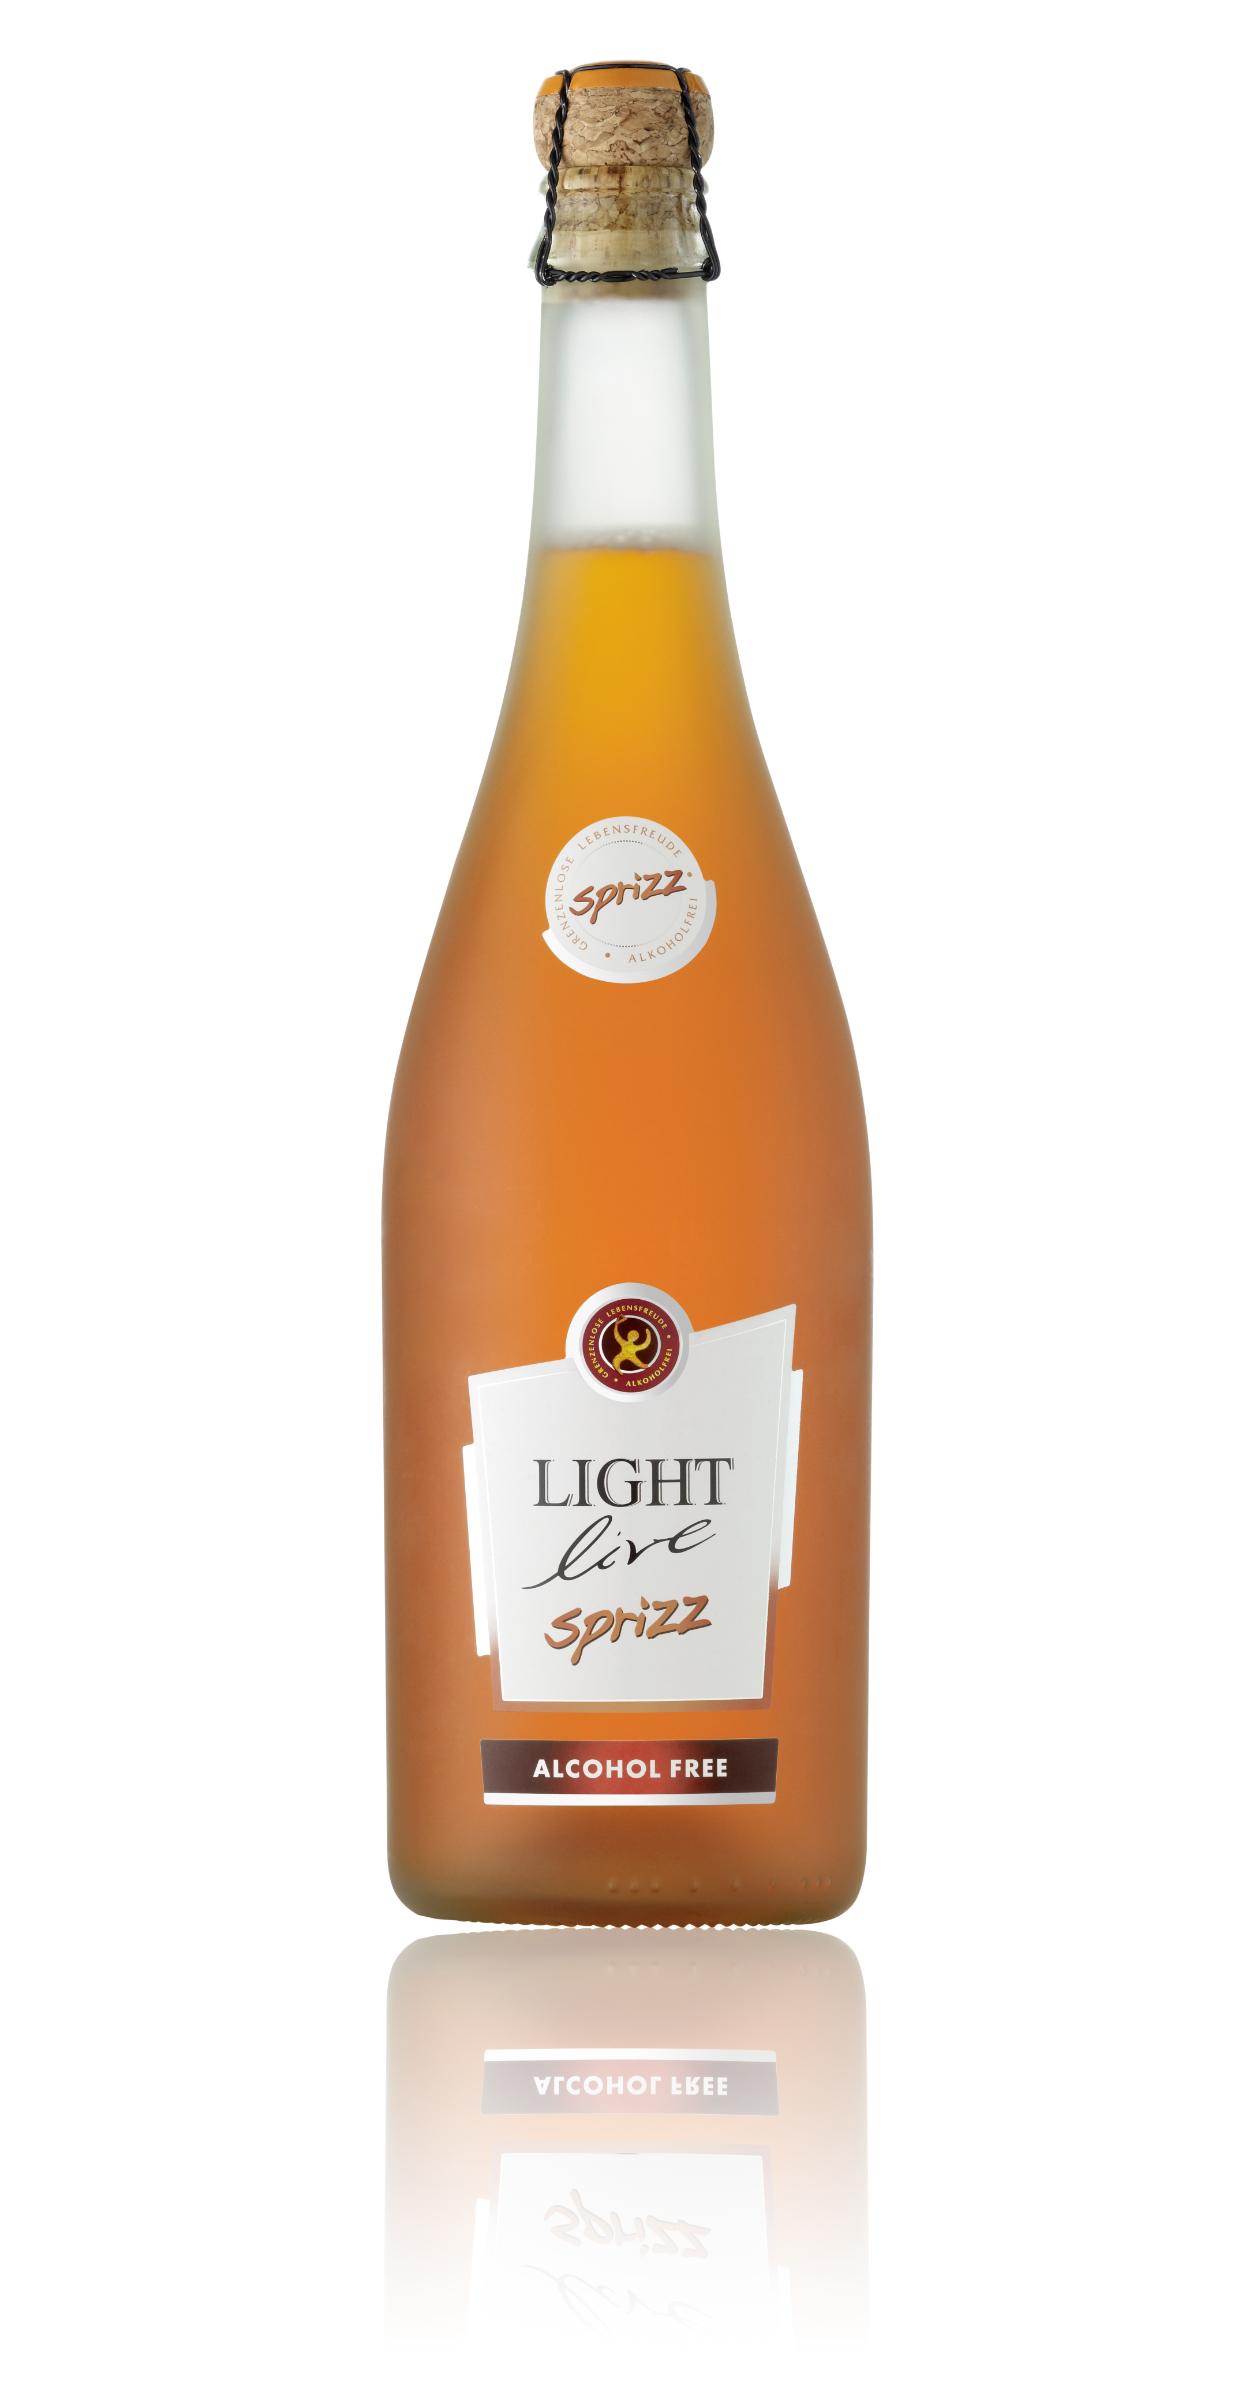 Light getränke ungesund